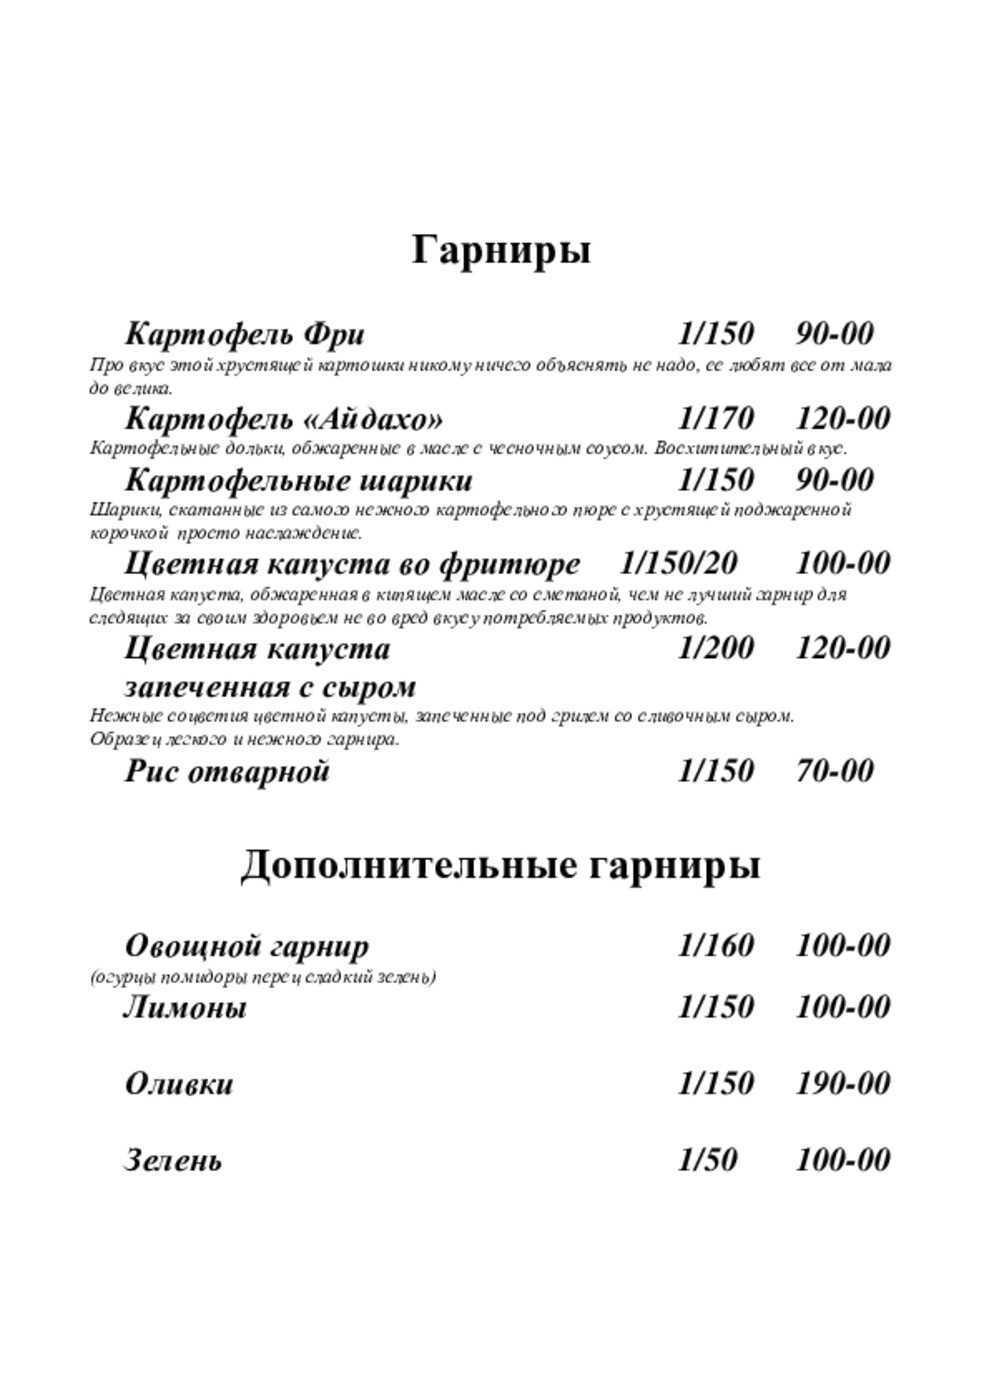 Меню кафе Старый город на улице Достоевского фото 7